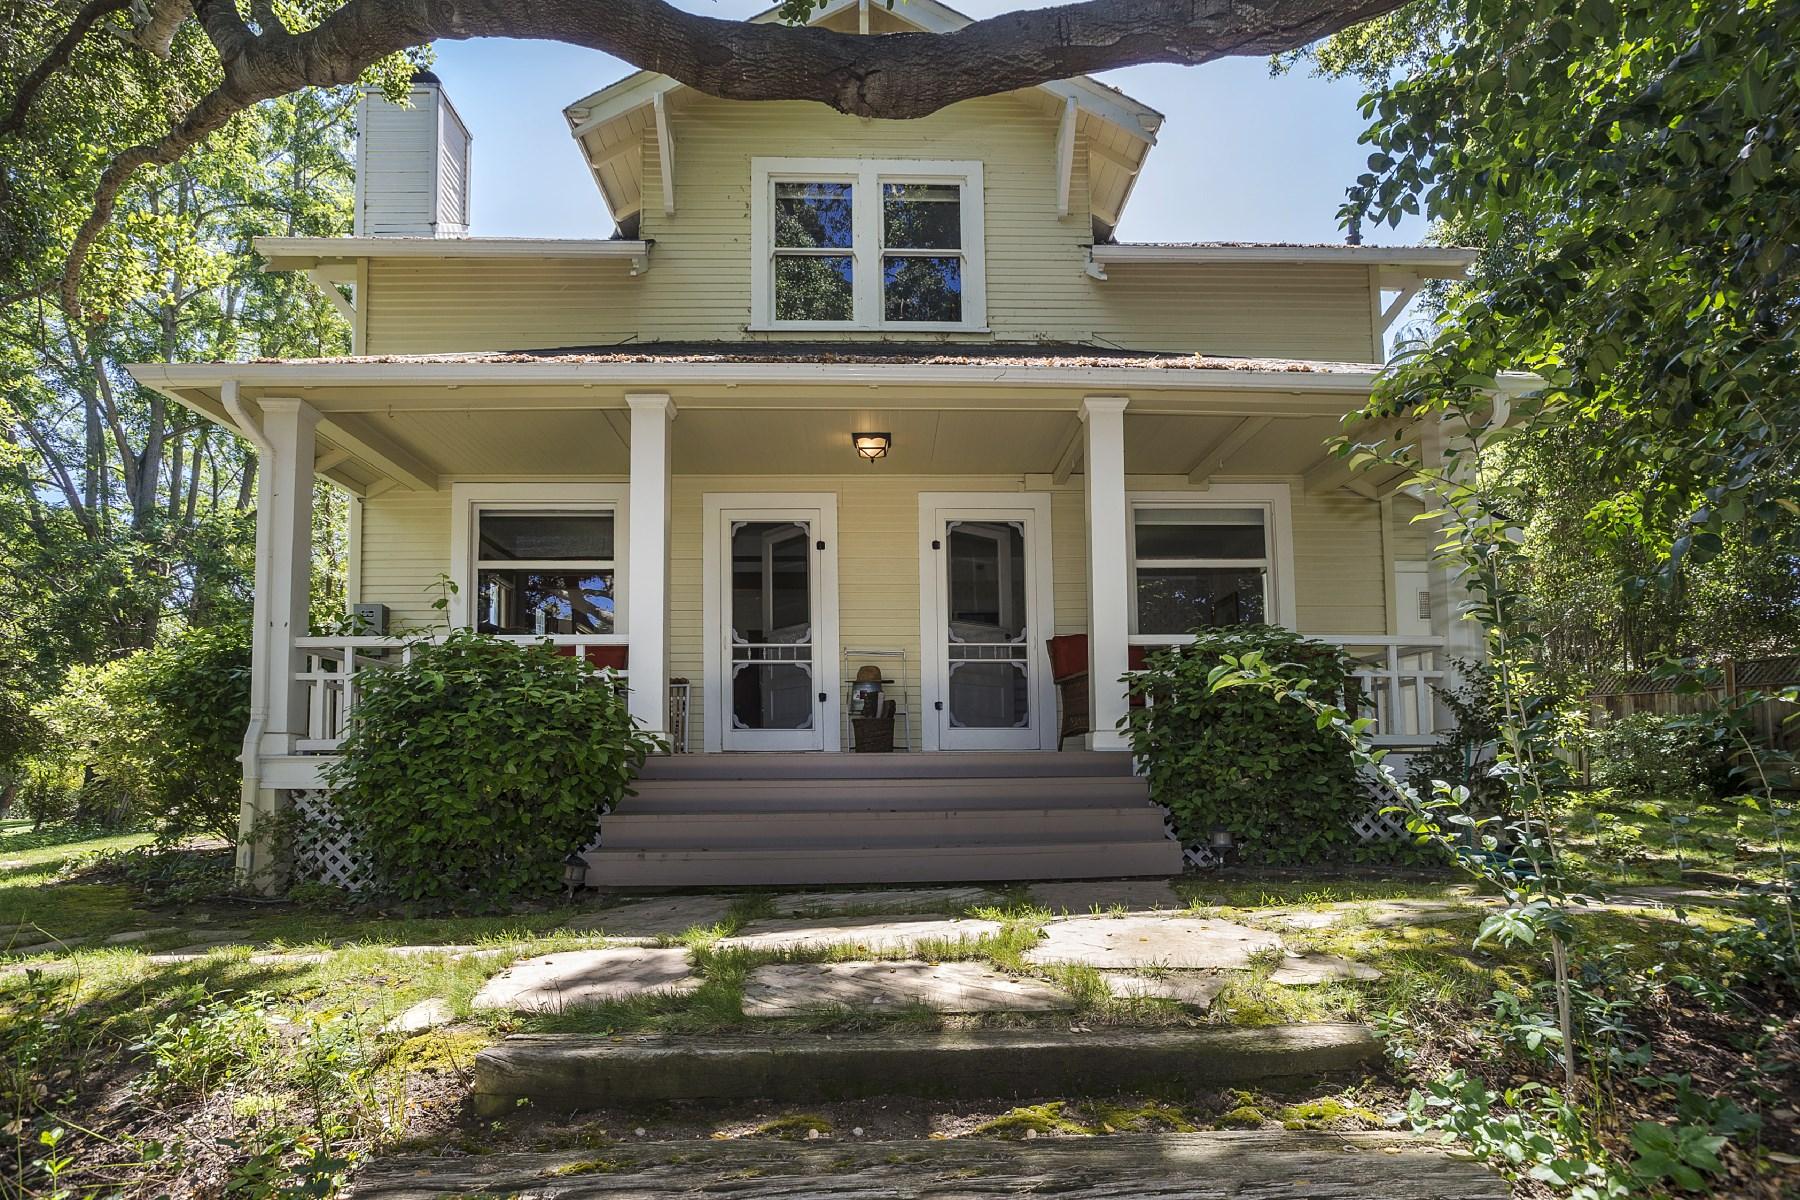 独户住宅 为 销售 在 The Ballard Farmhouse 2540 Baseline Avenue Ballard, 加利福尼亚州, 93463 美国